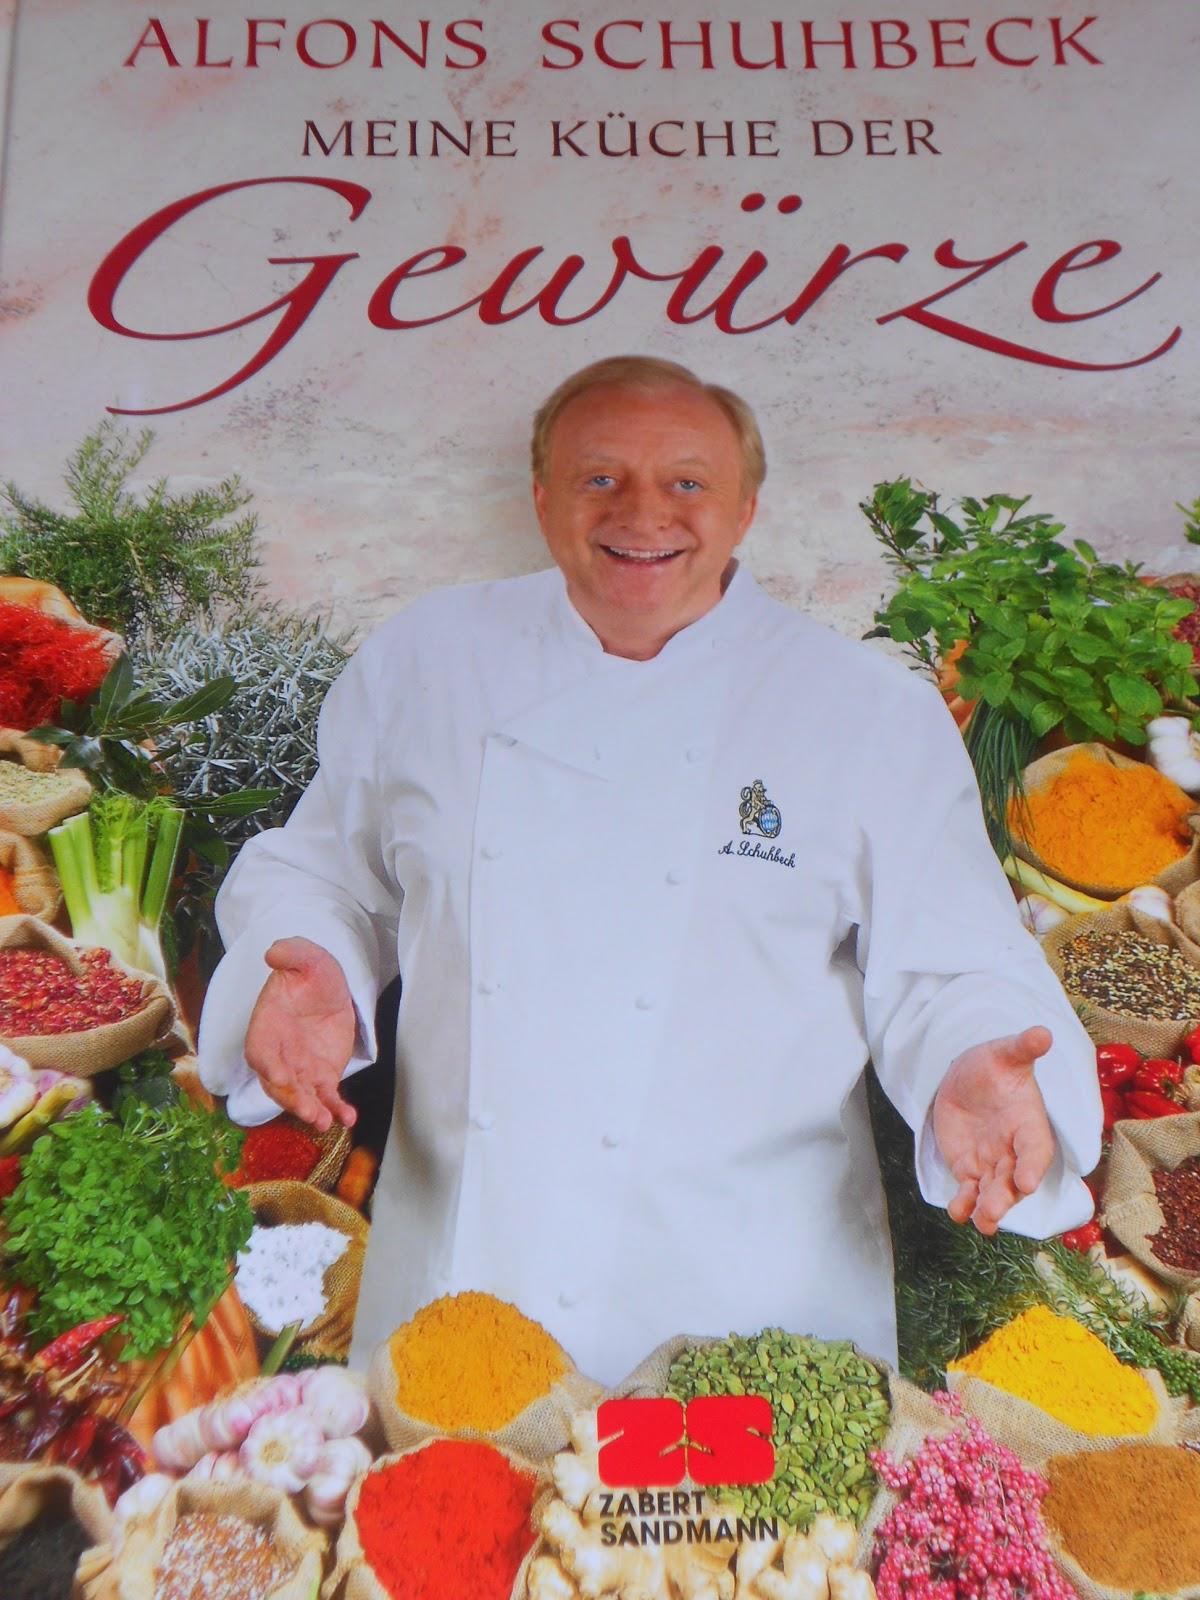 Charmant Alfons Schuhbeck Meine Bayerische Küche Bilder - Heimat ...